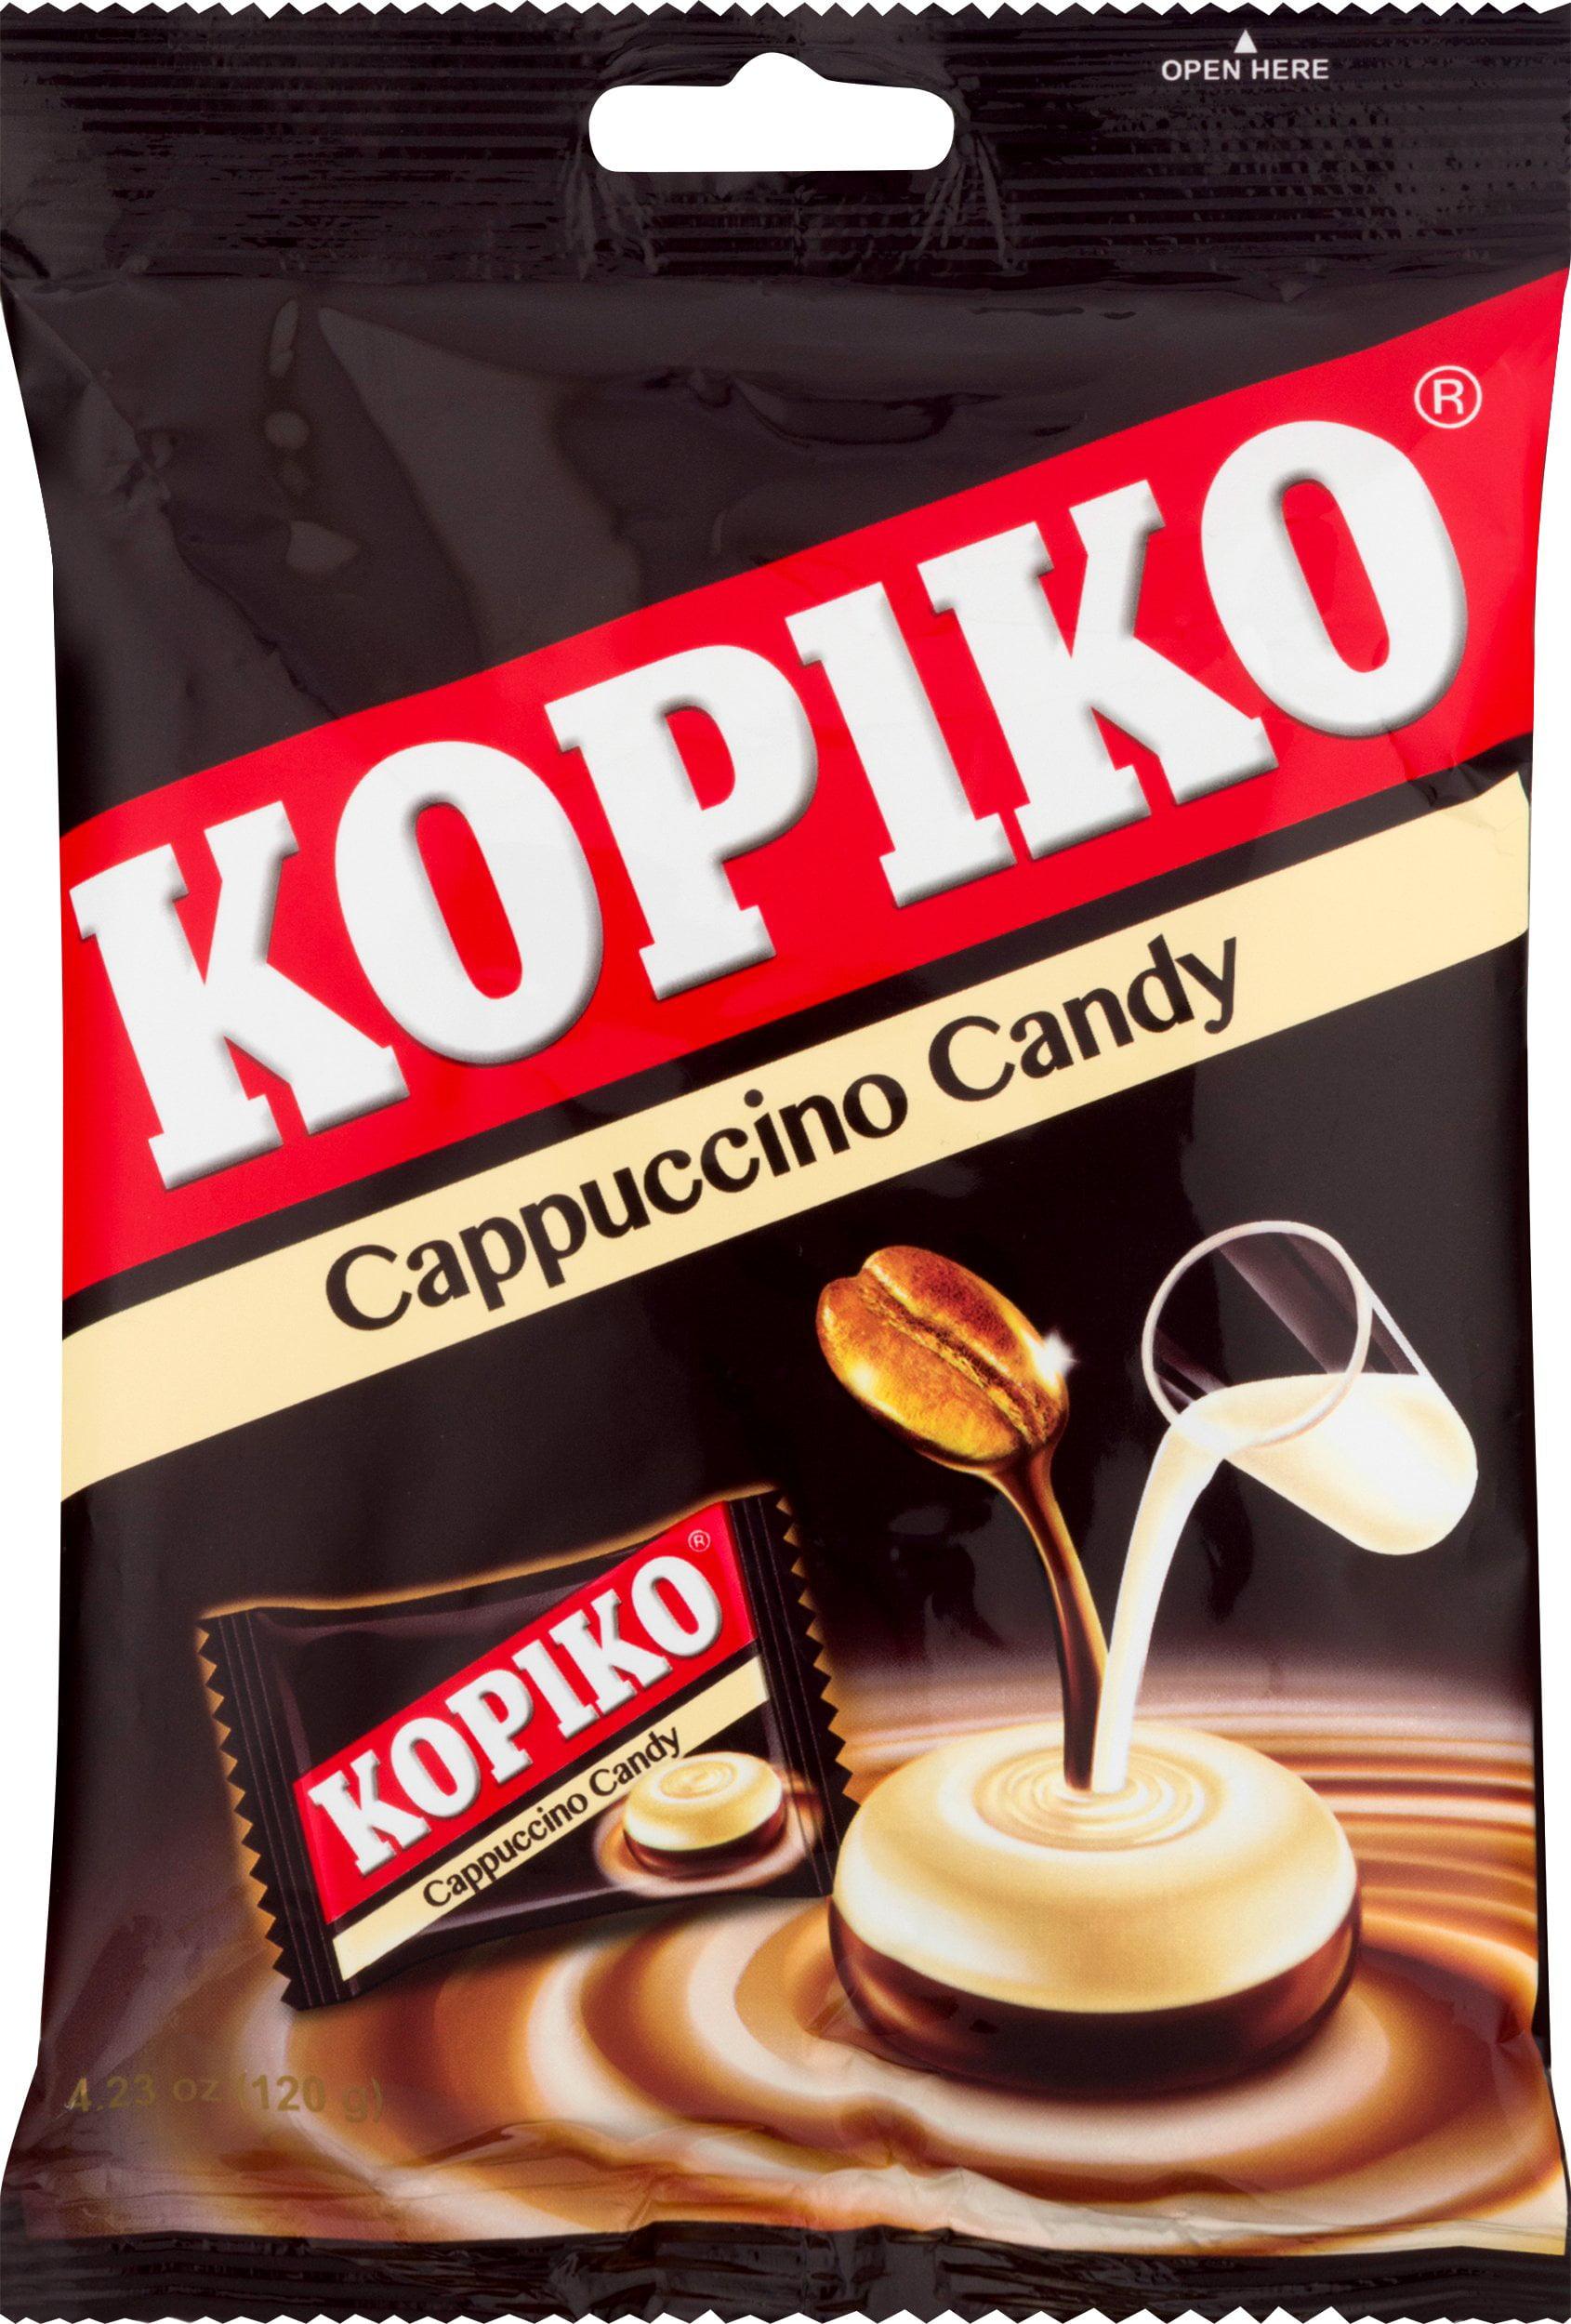 Kopiko Cappuccino Candy 4 23 Oz Walmart Com Walmart Com